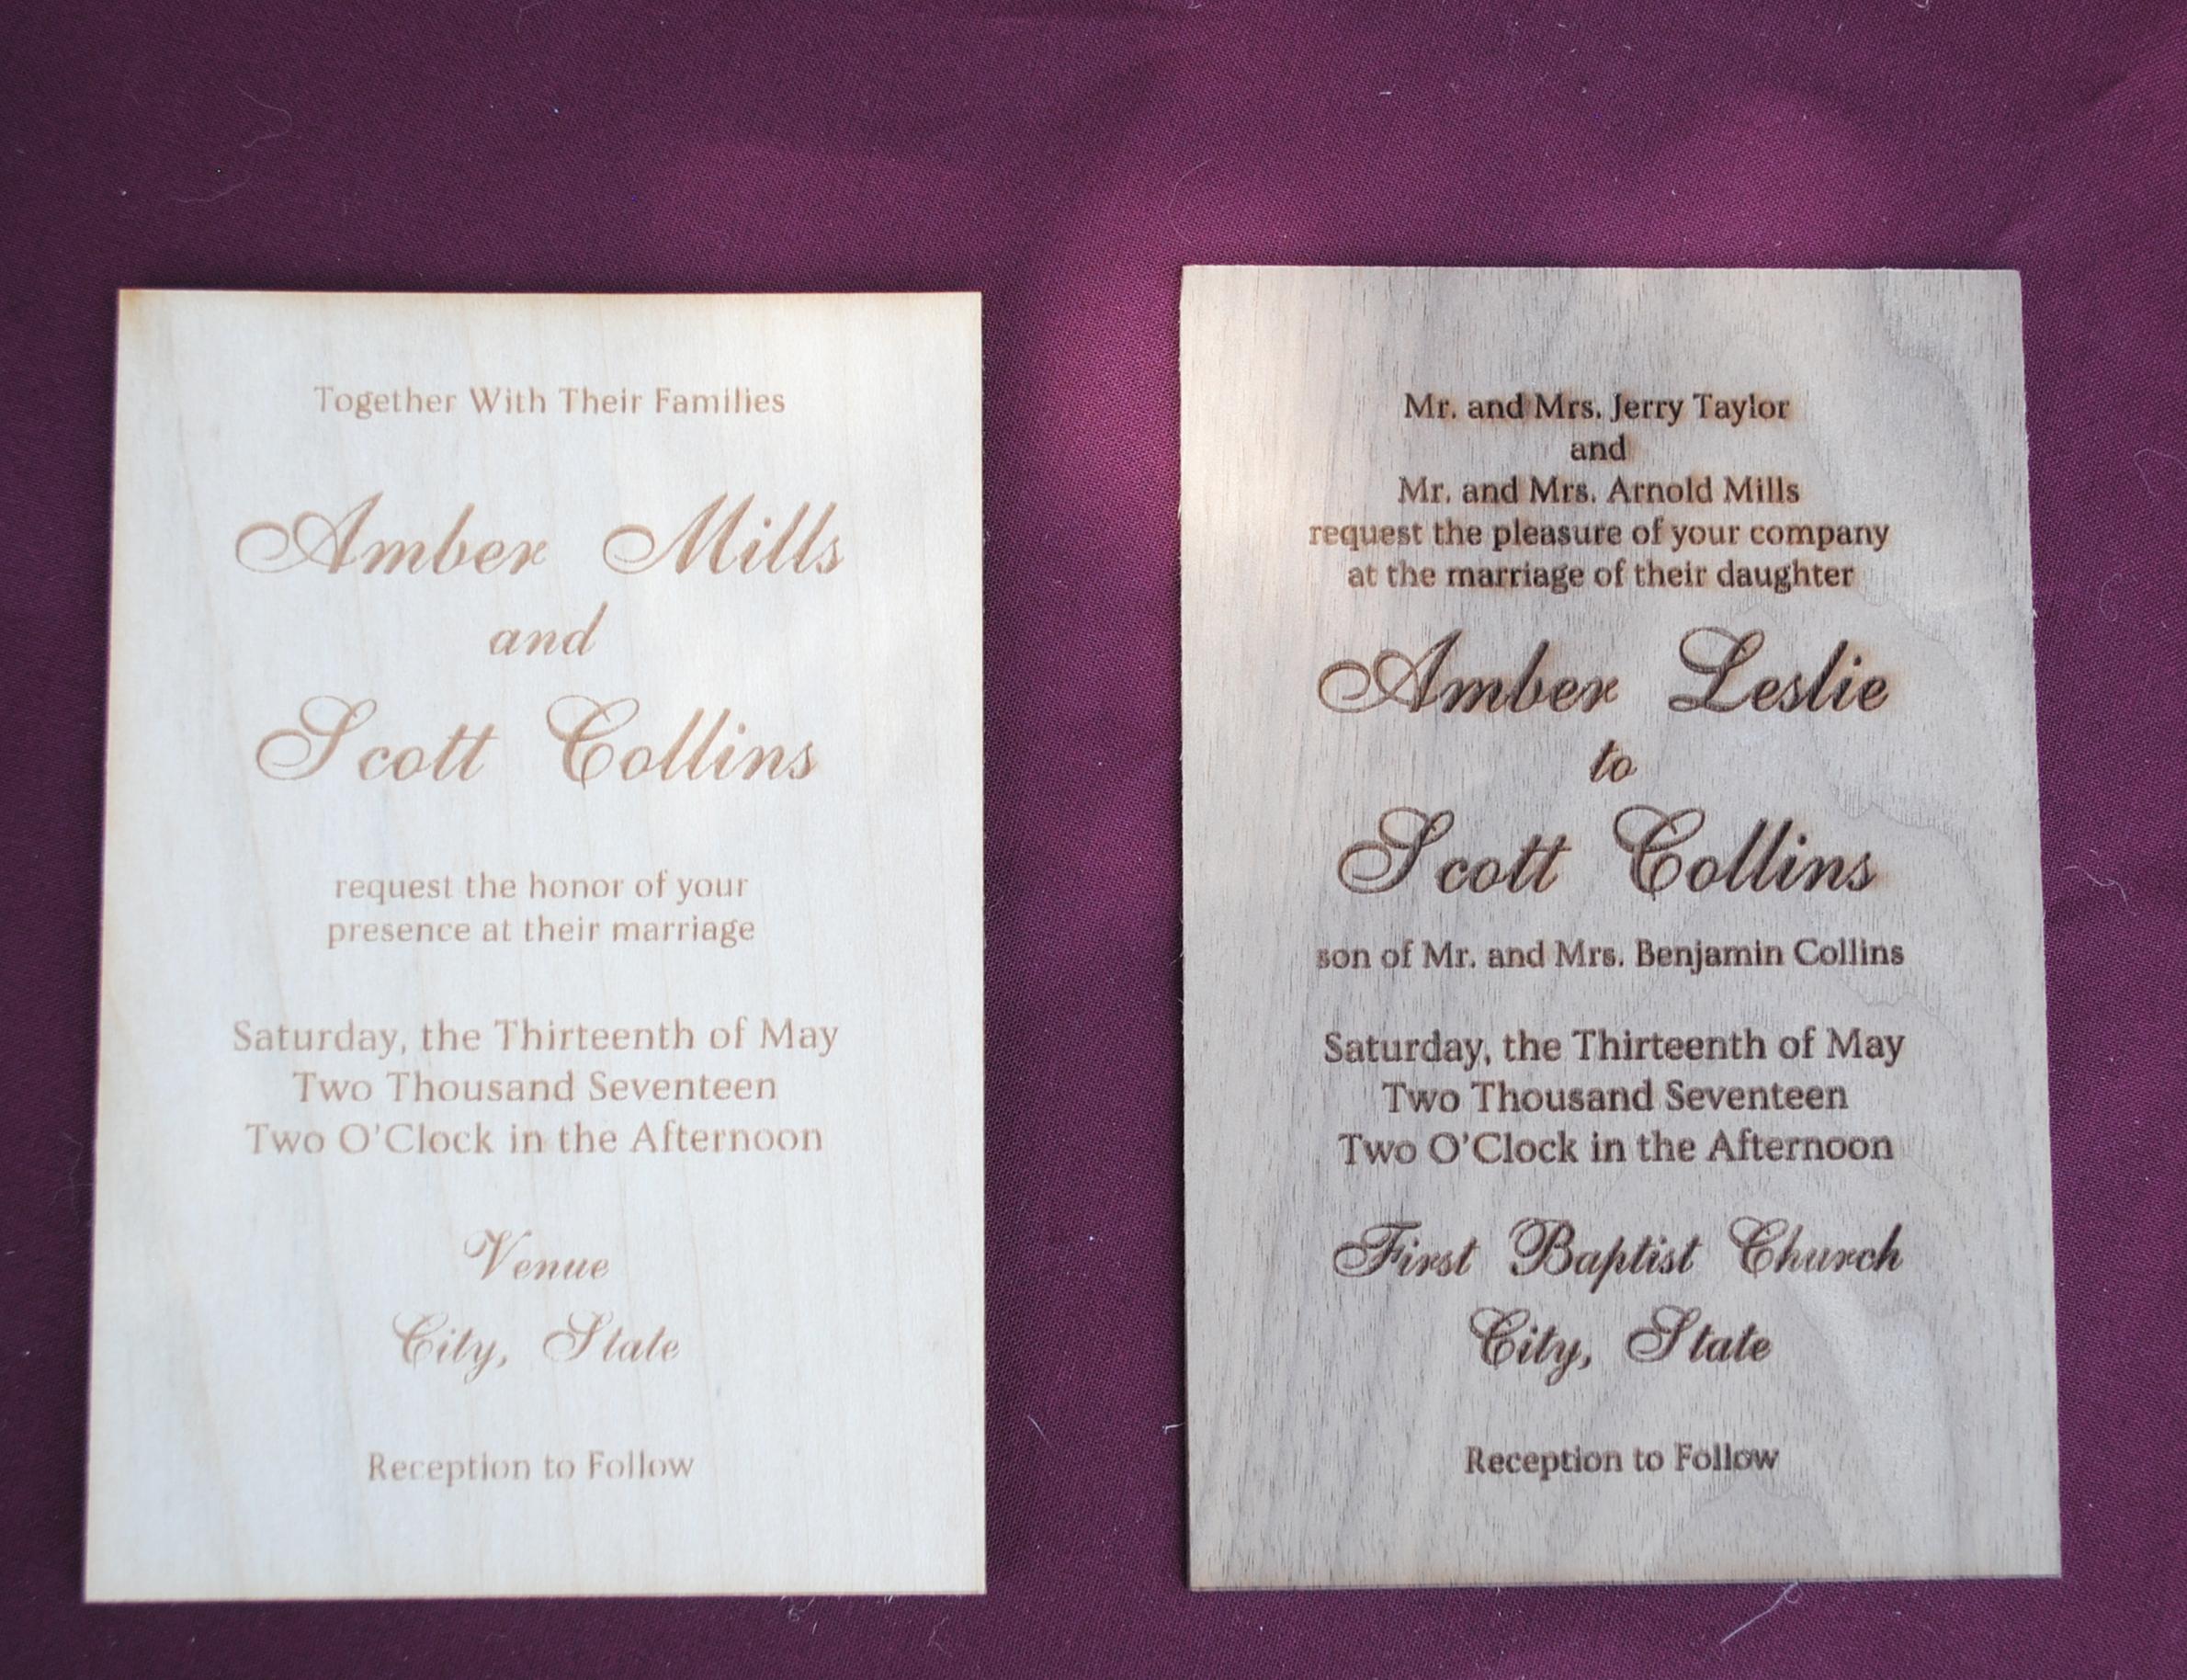 Wood Wedding Invitations on Wine | Rustic Glam | Pinterest ...